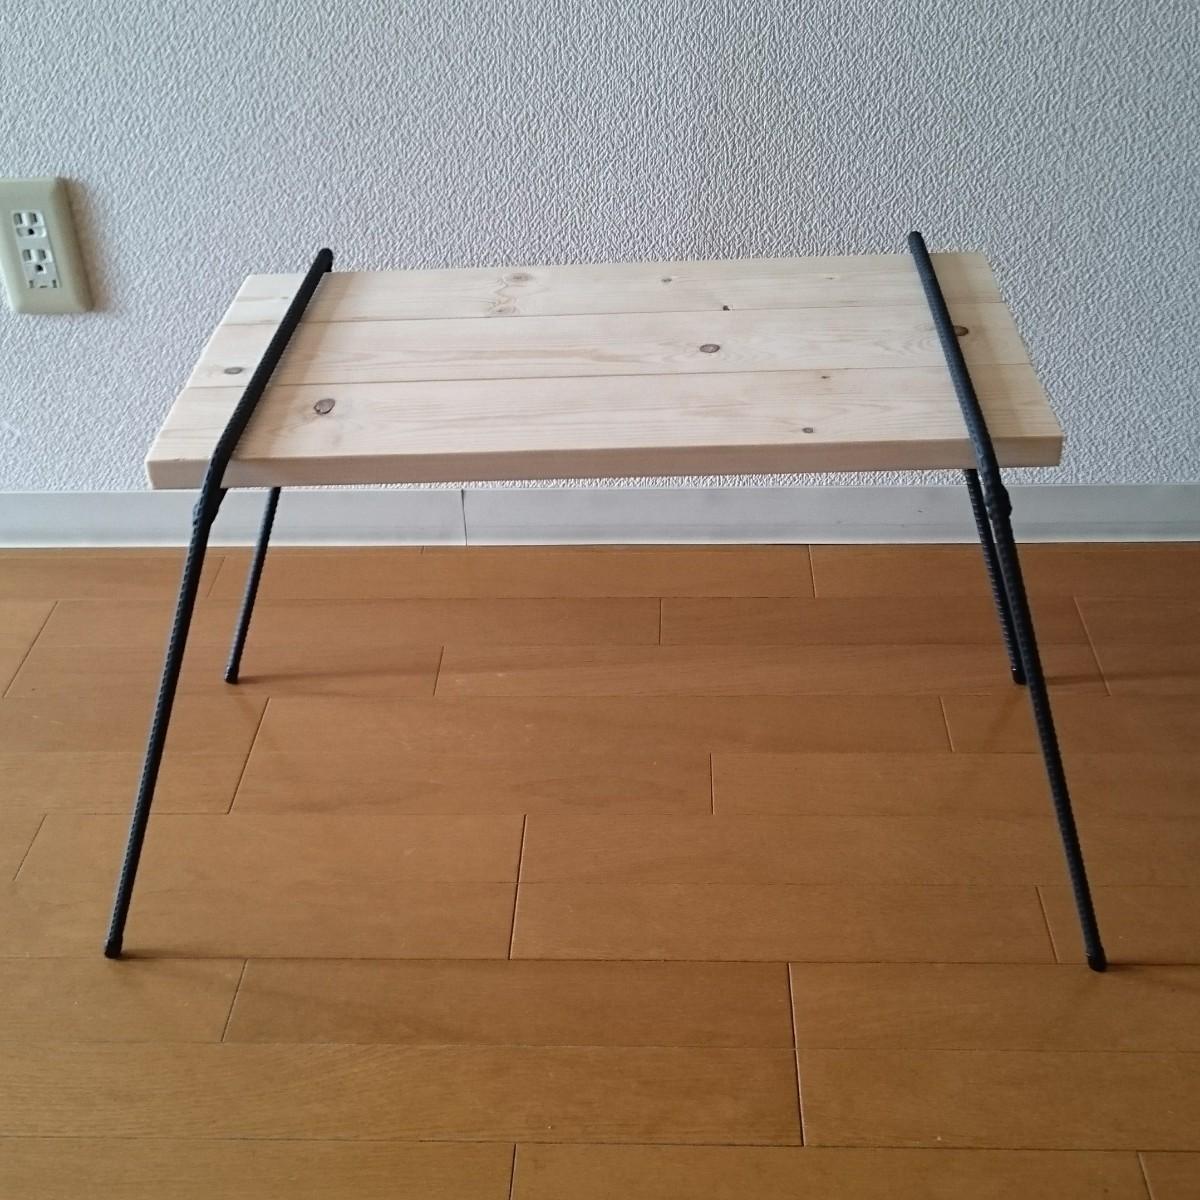 板付き アイアンシェルフ棚 収納 キャンプテーブル お弁当テーブル ミニテーブル キャンプ アイアンレッグ アイアンテーブル